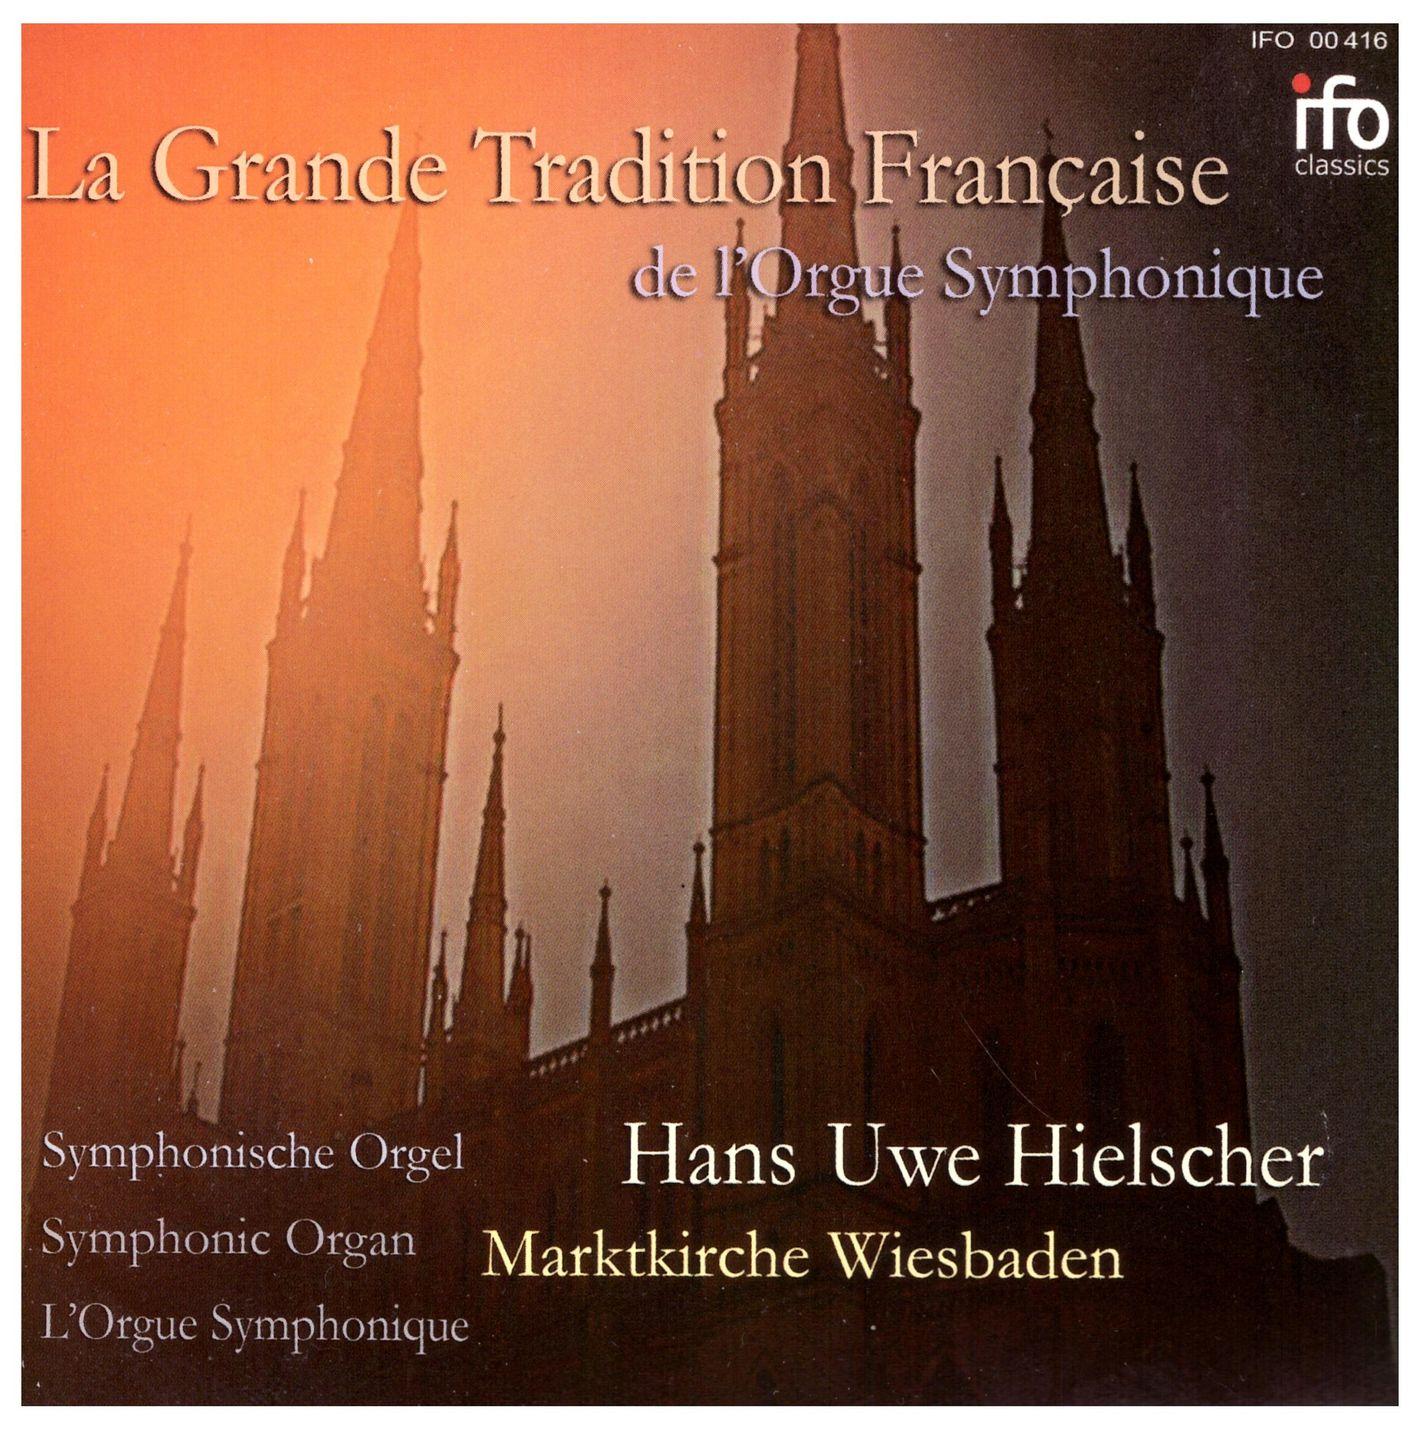 La Grande Tradition Française de l'Orgue Symphonique